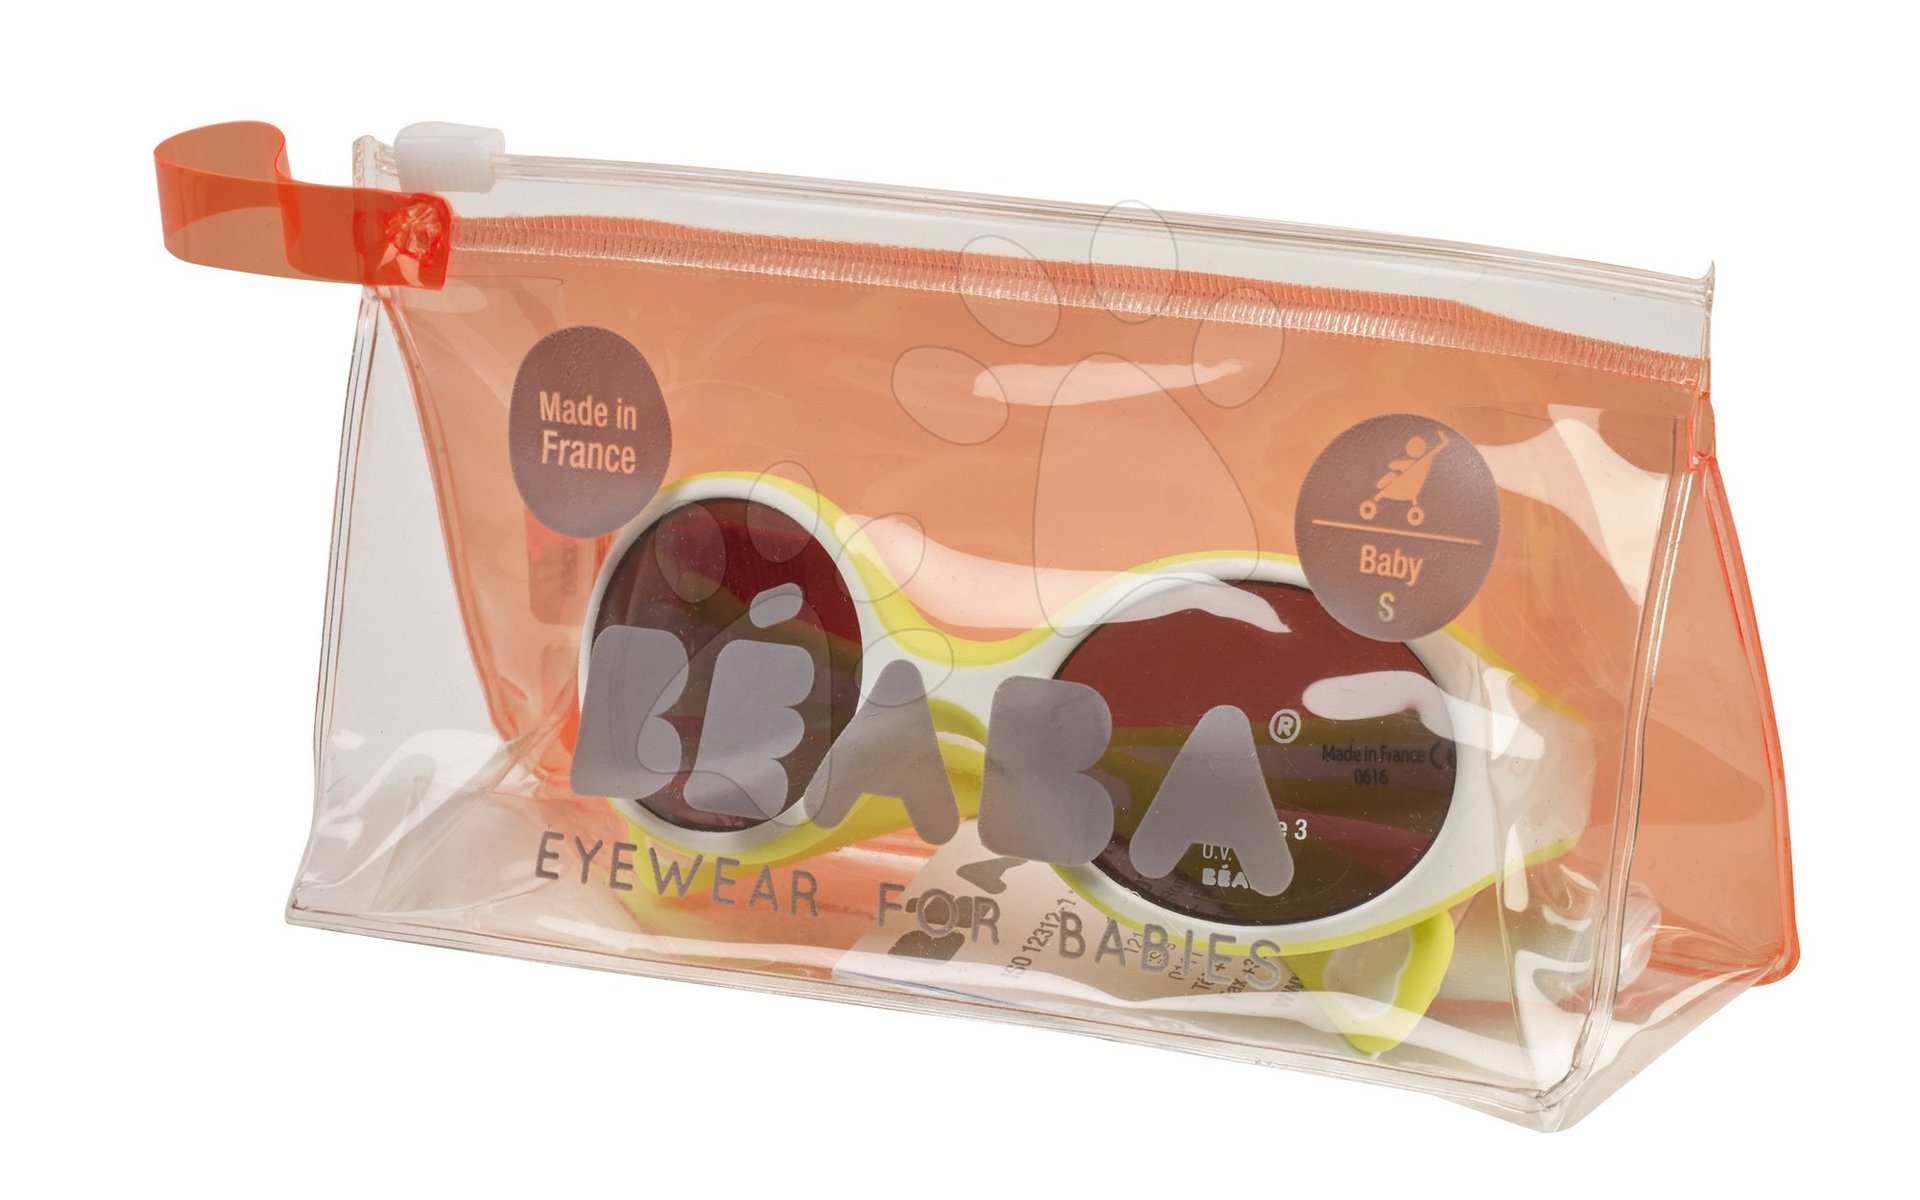 Slnečné okuliare pre deti Beaba Baby S UV filter 3 od 0 mesiacov zelené.  Pre absolútny zážitok prosím použite prehliadač s javascriptom 3b16c42194